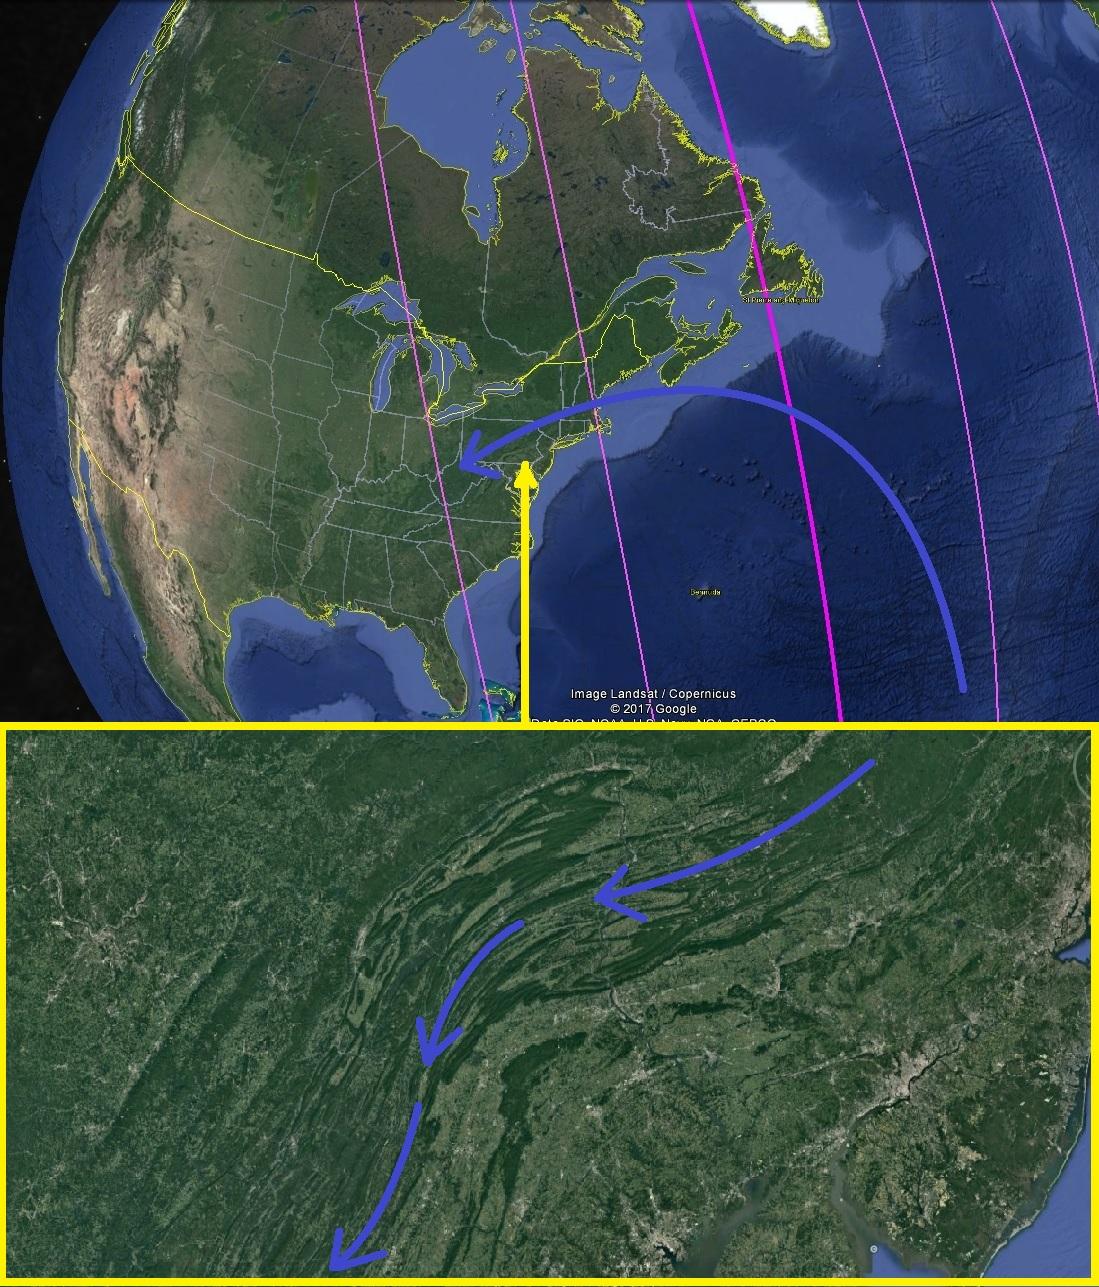 Сдвиг полюсов. Карты. Северная Америка Пенсильвания общий вид 3